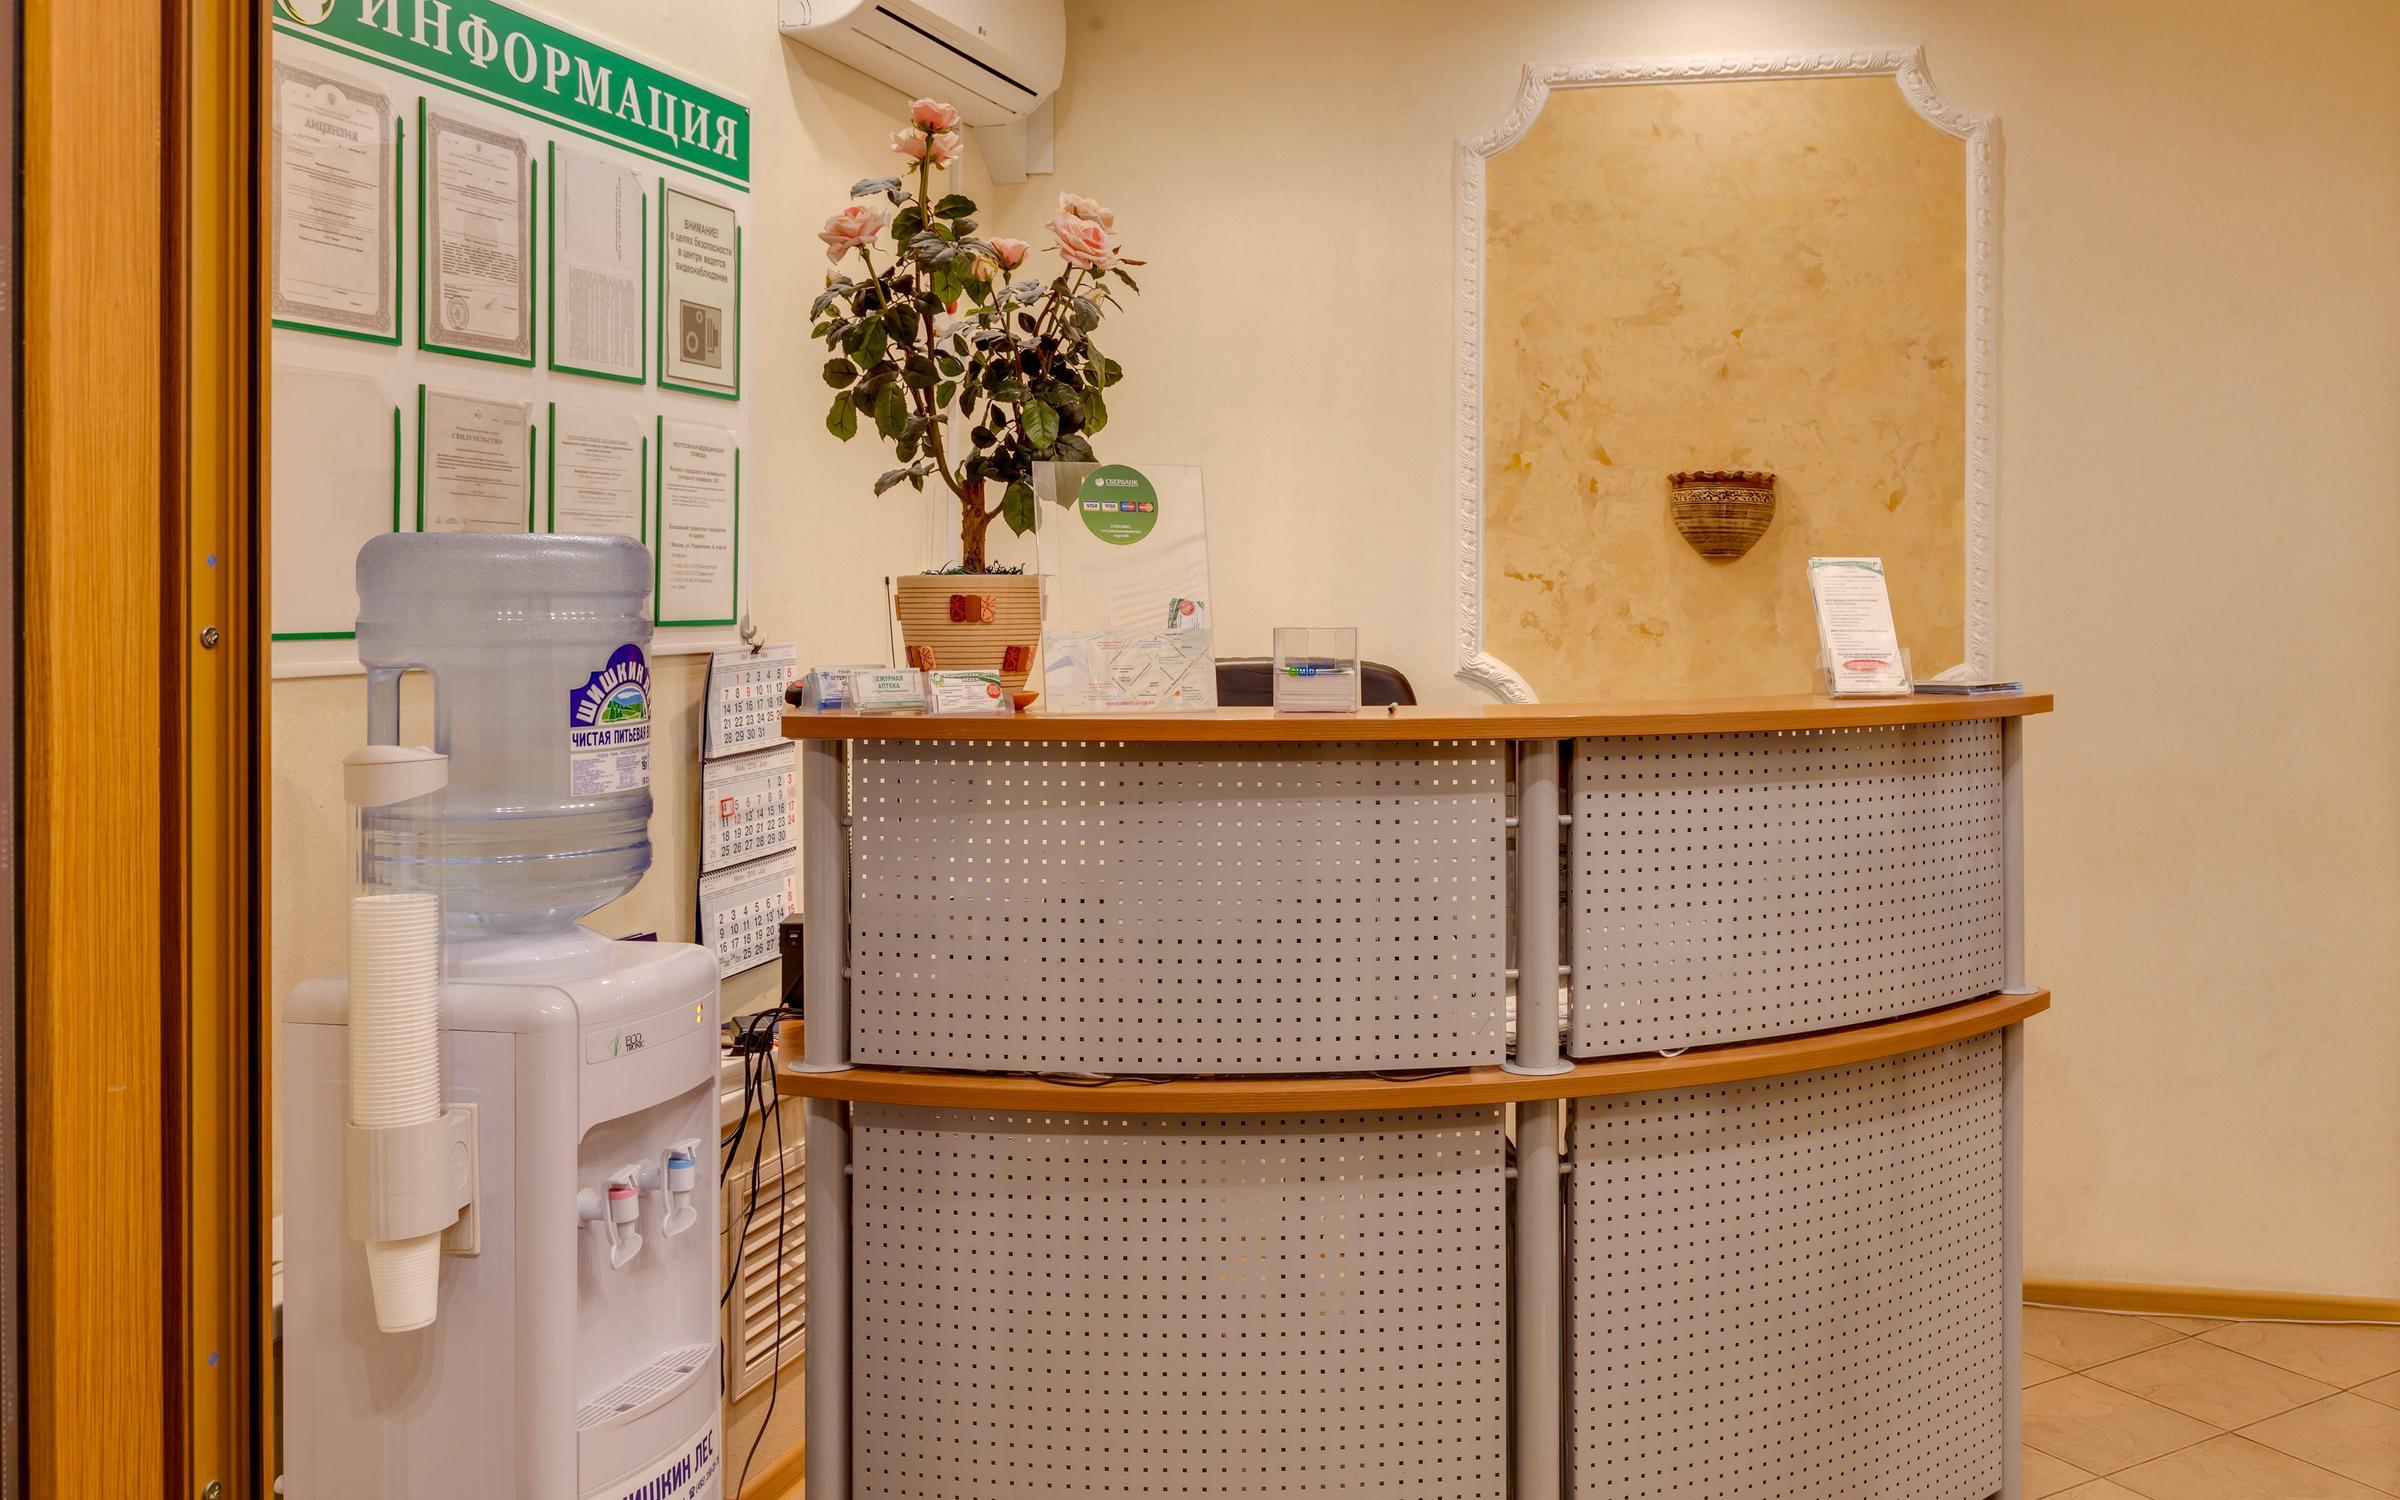 фотография Медицинского центра Медея на Лукинской улице